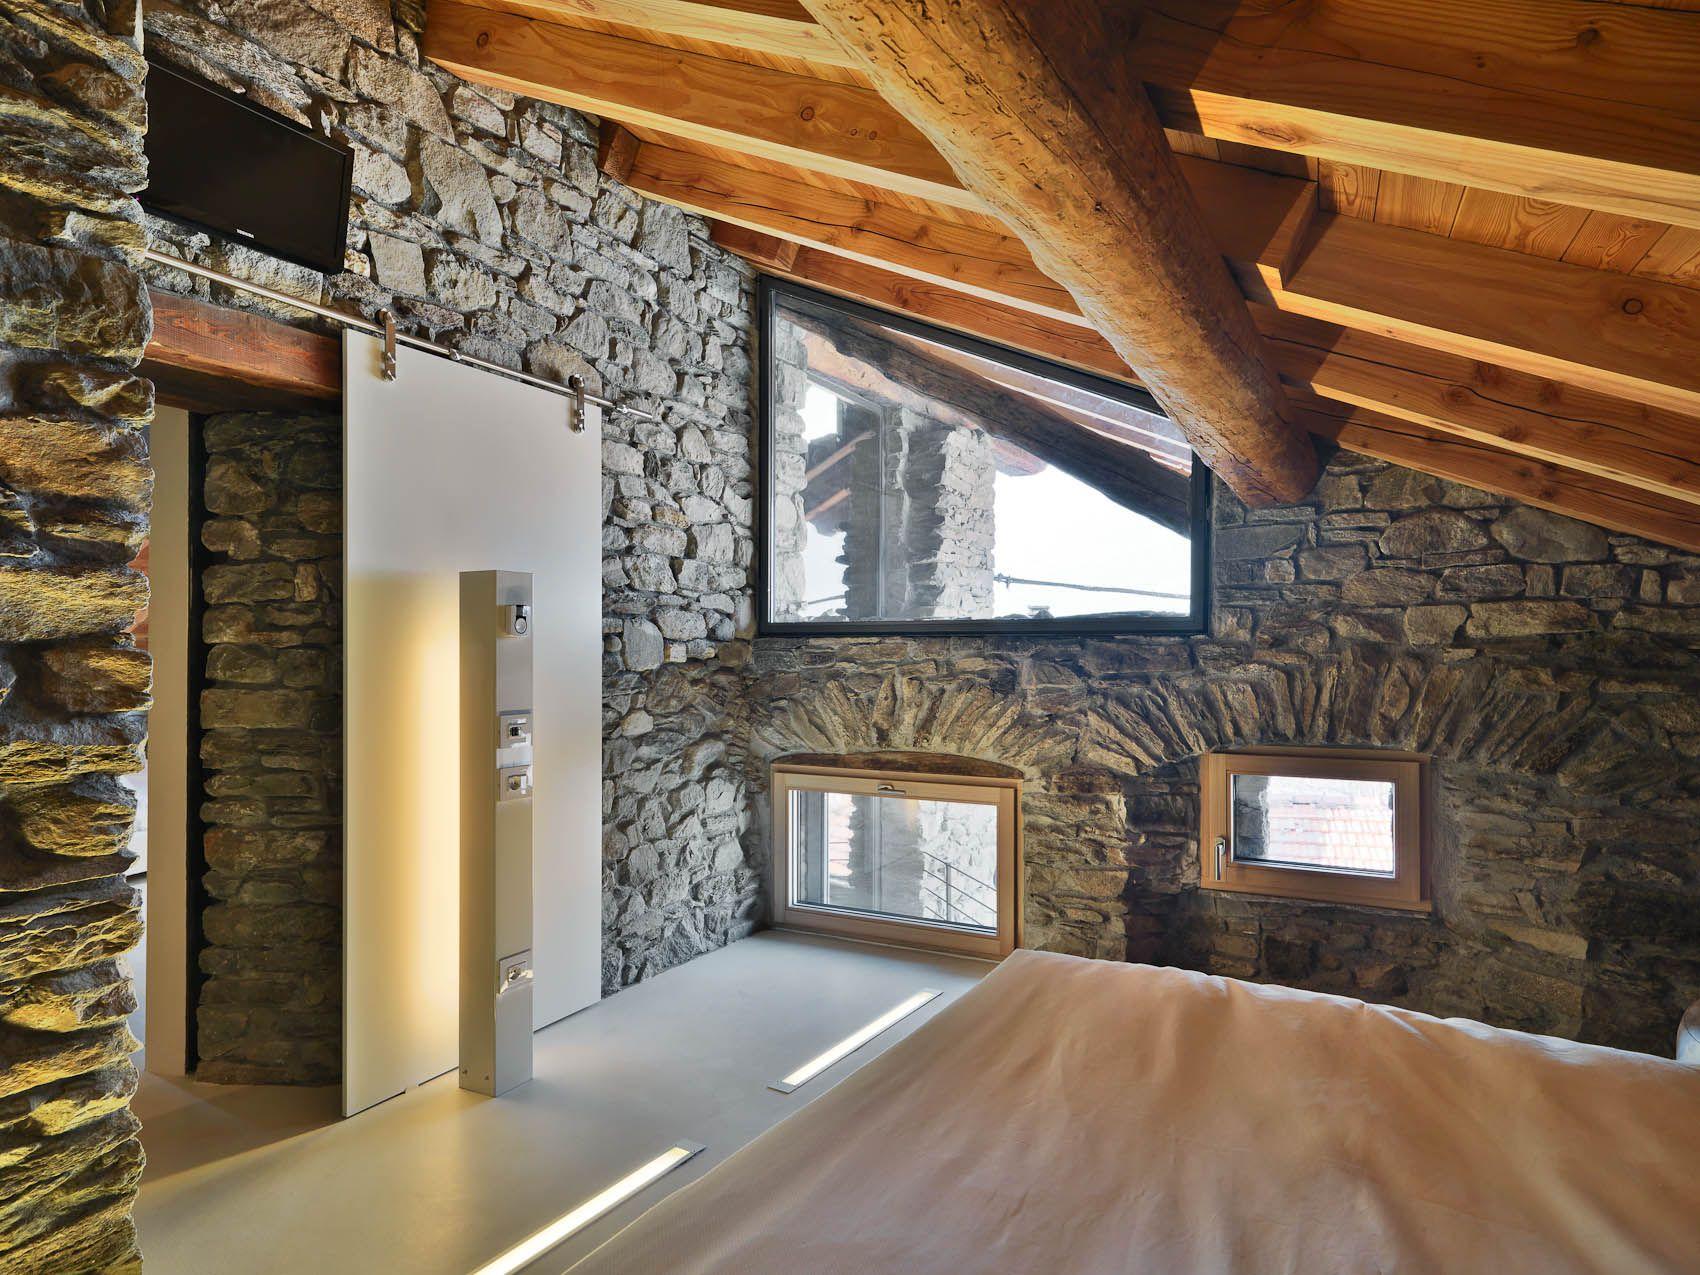 Case in pietra e legno cerca con google interni case - Case in pietra interni ...